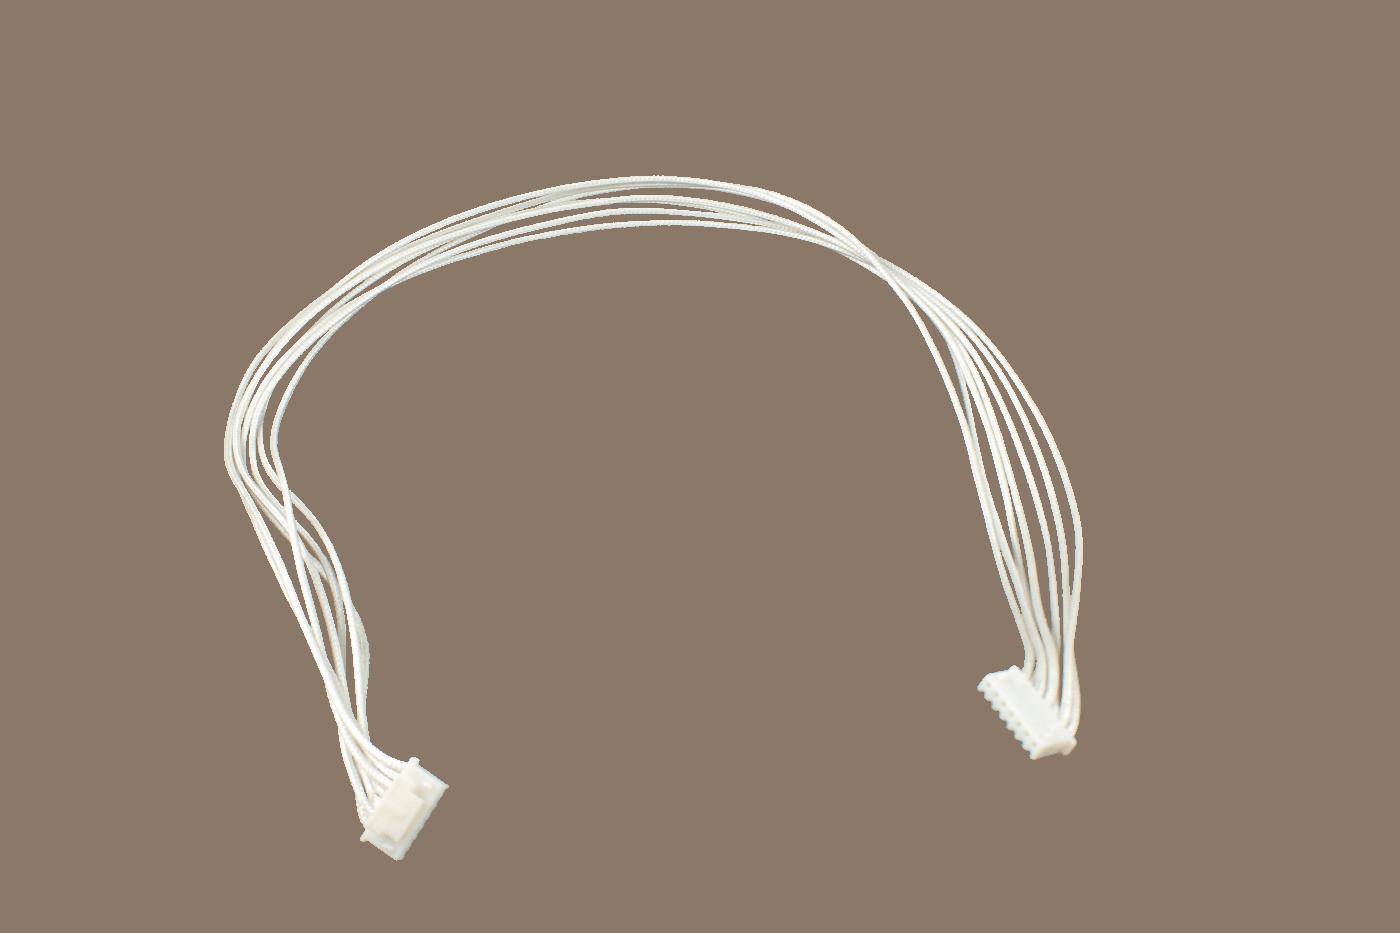 Control Board Cable - H4l